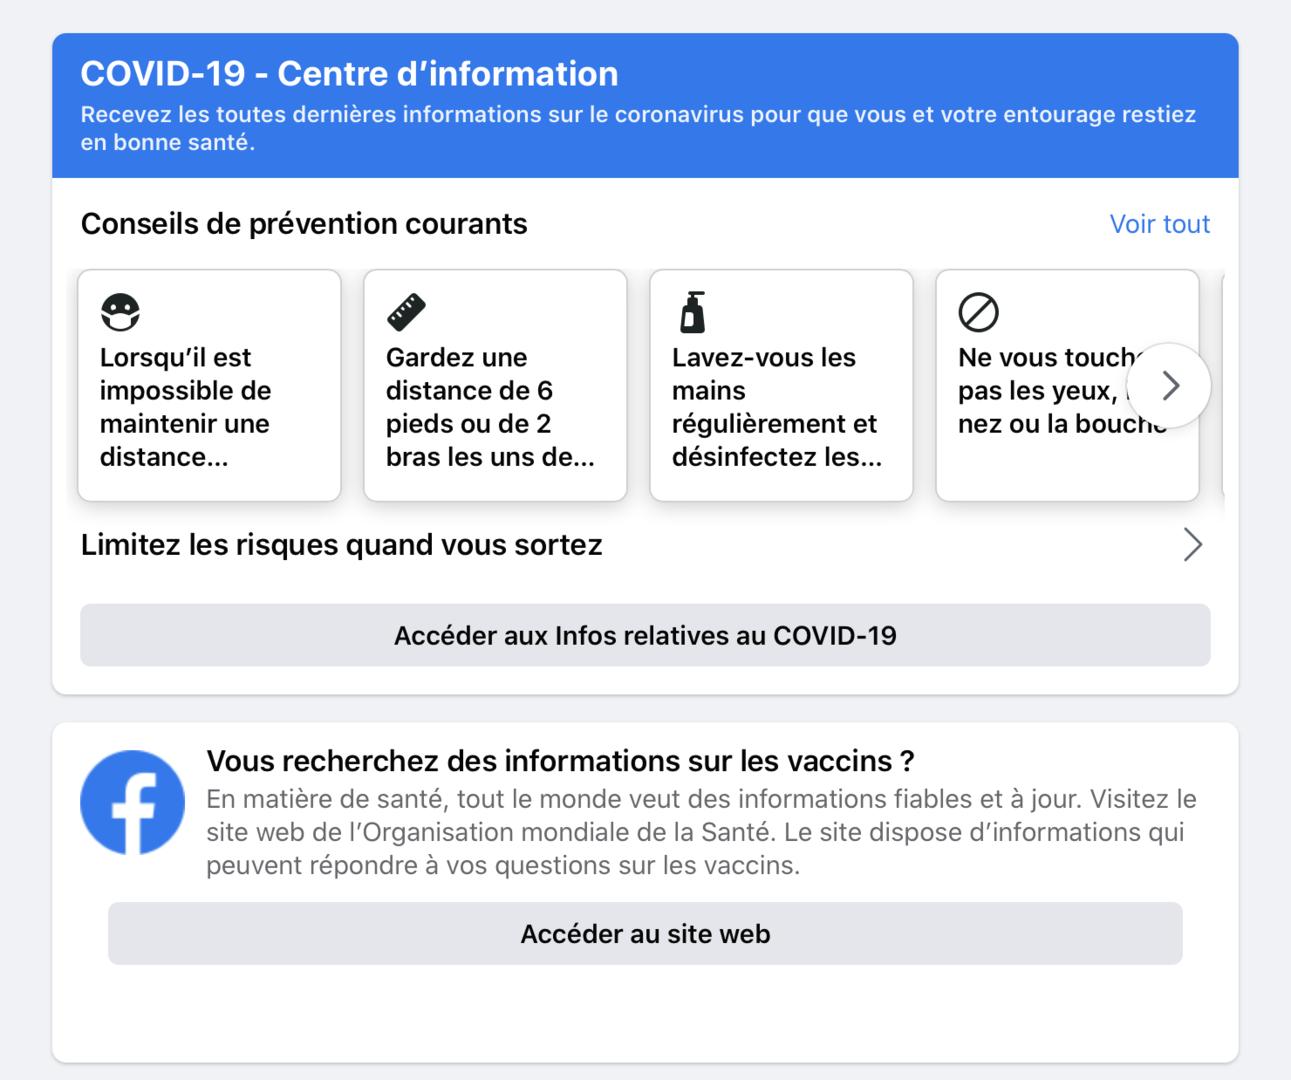 Facebook va supprimer les «fausses allégations» concernant les vaccins contre le Covid-19